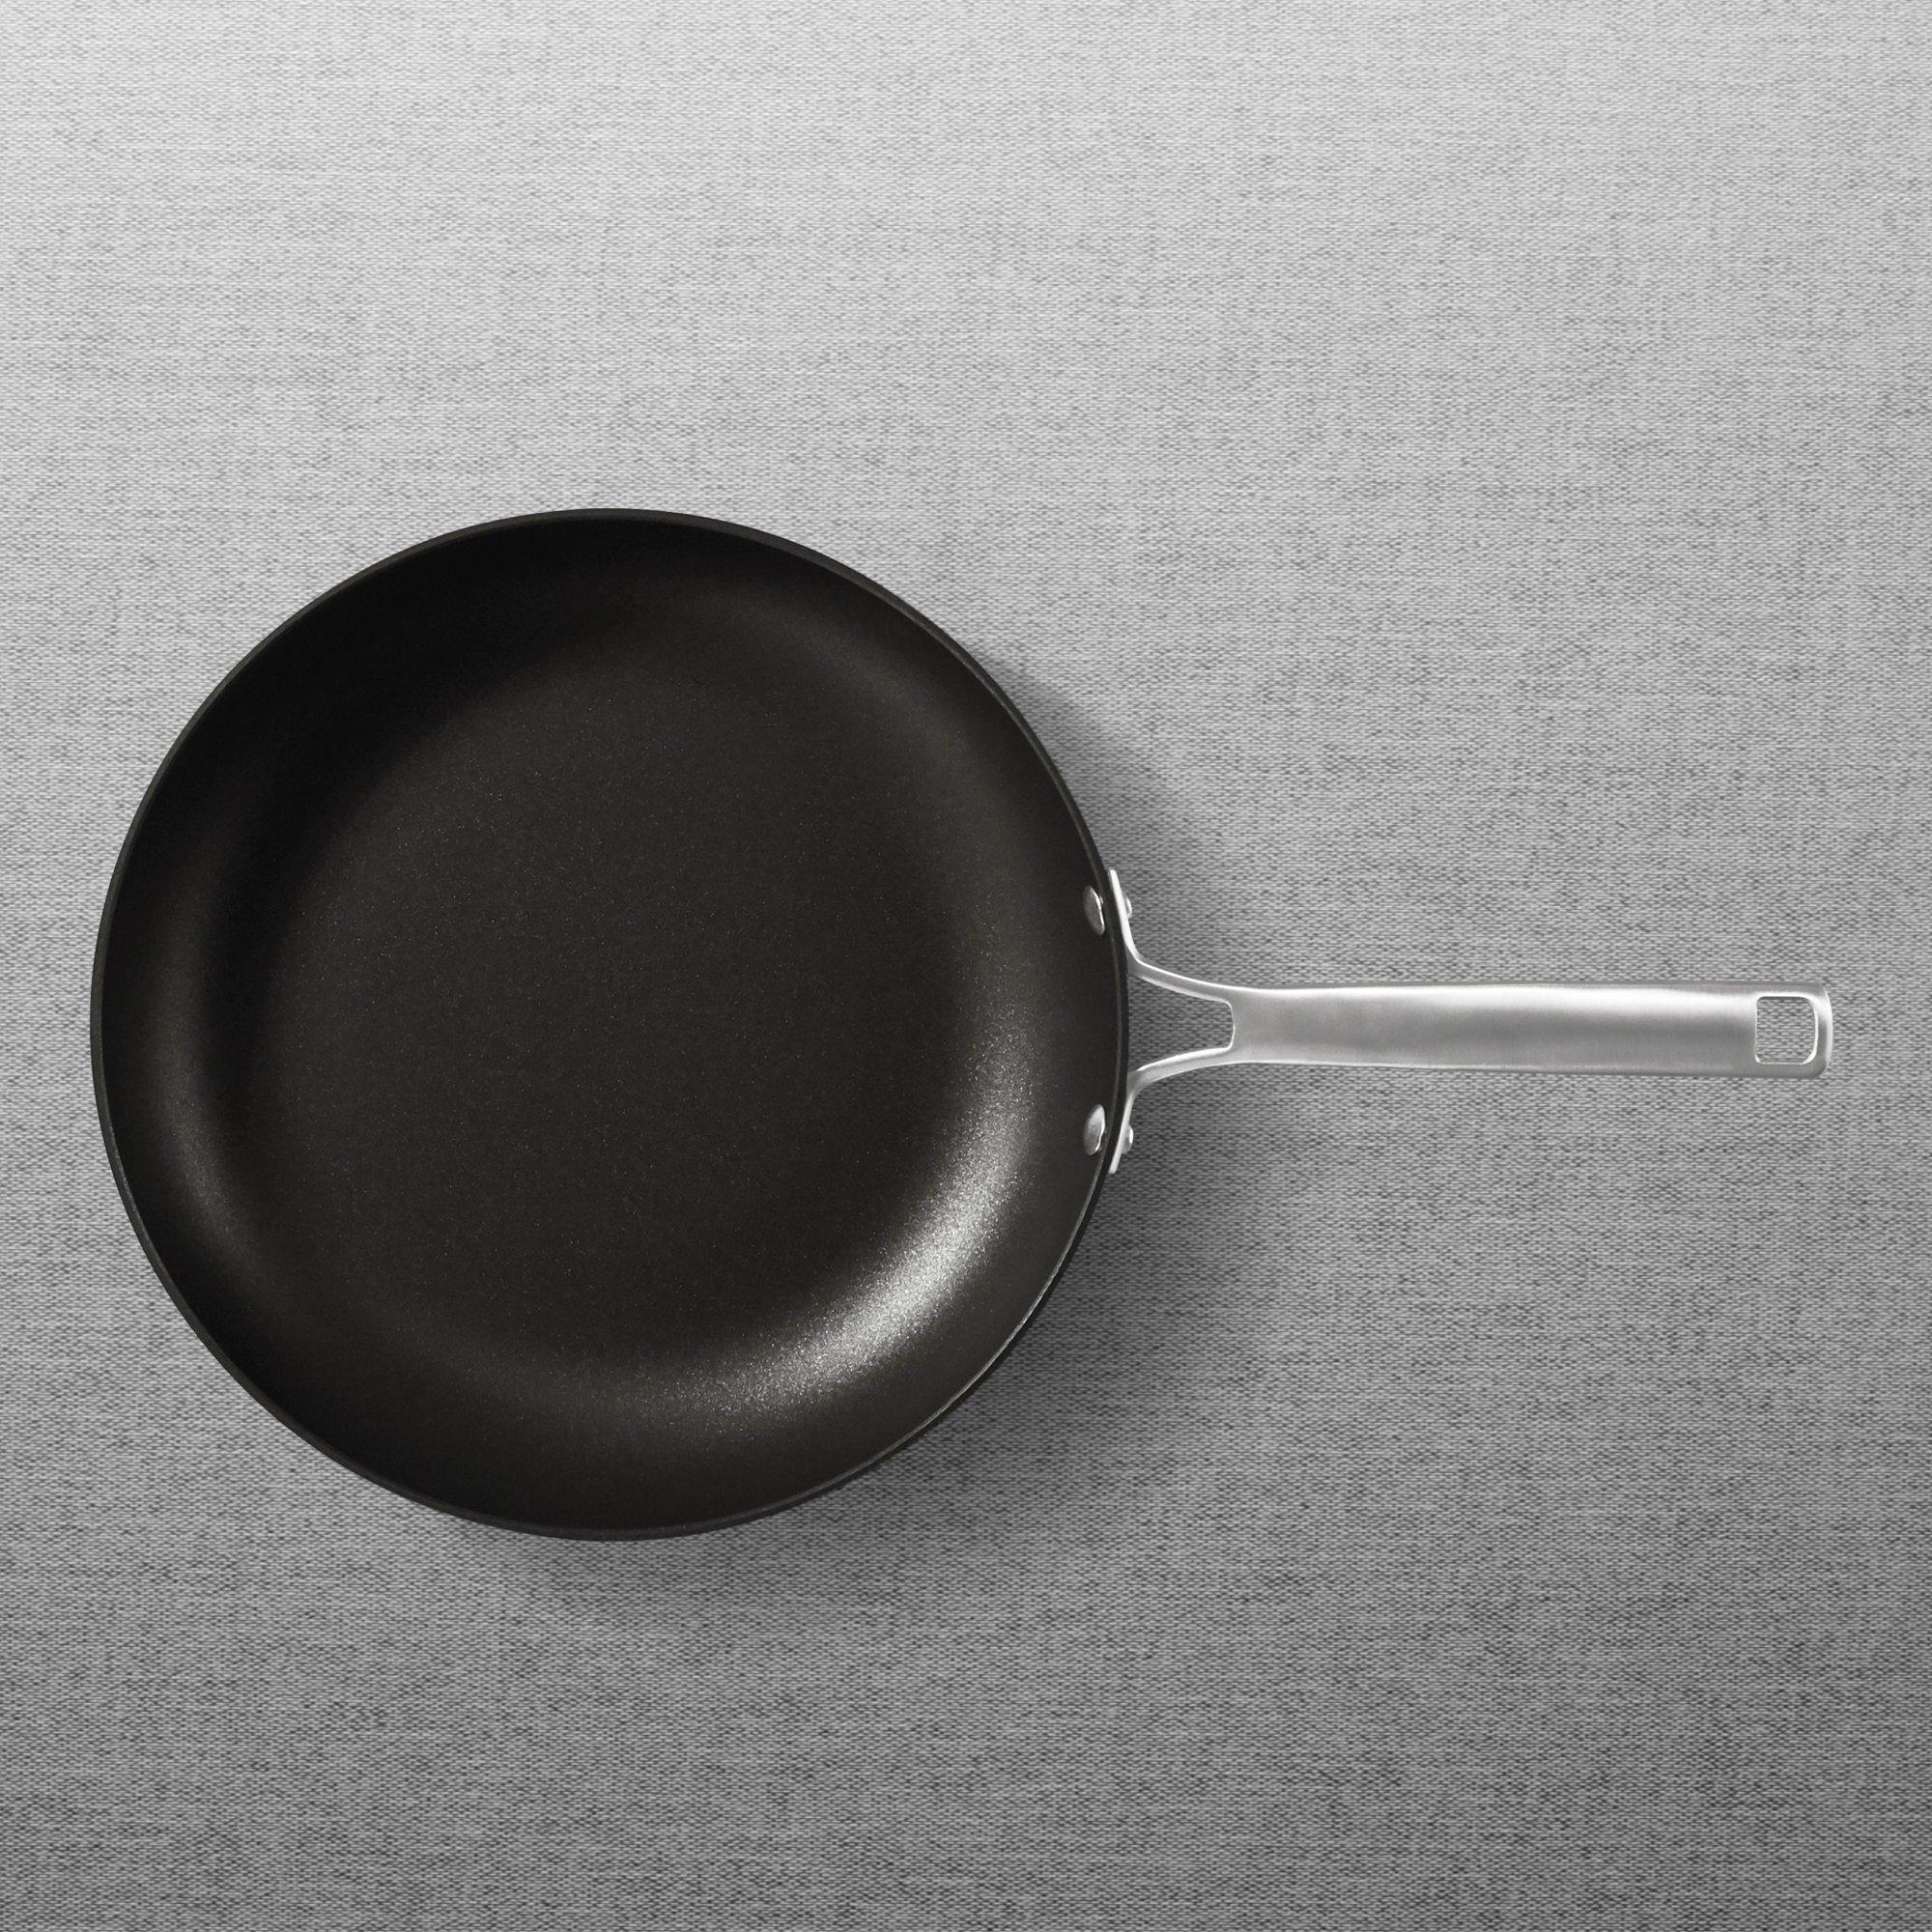 skillets fry pans. Black Bedroom Furniture Sets. Home Design Ideas